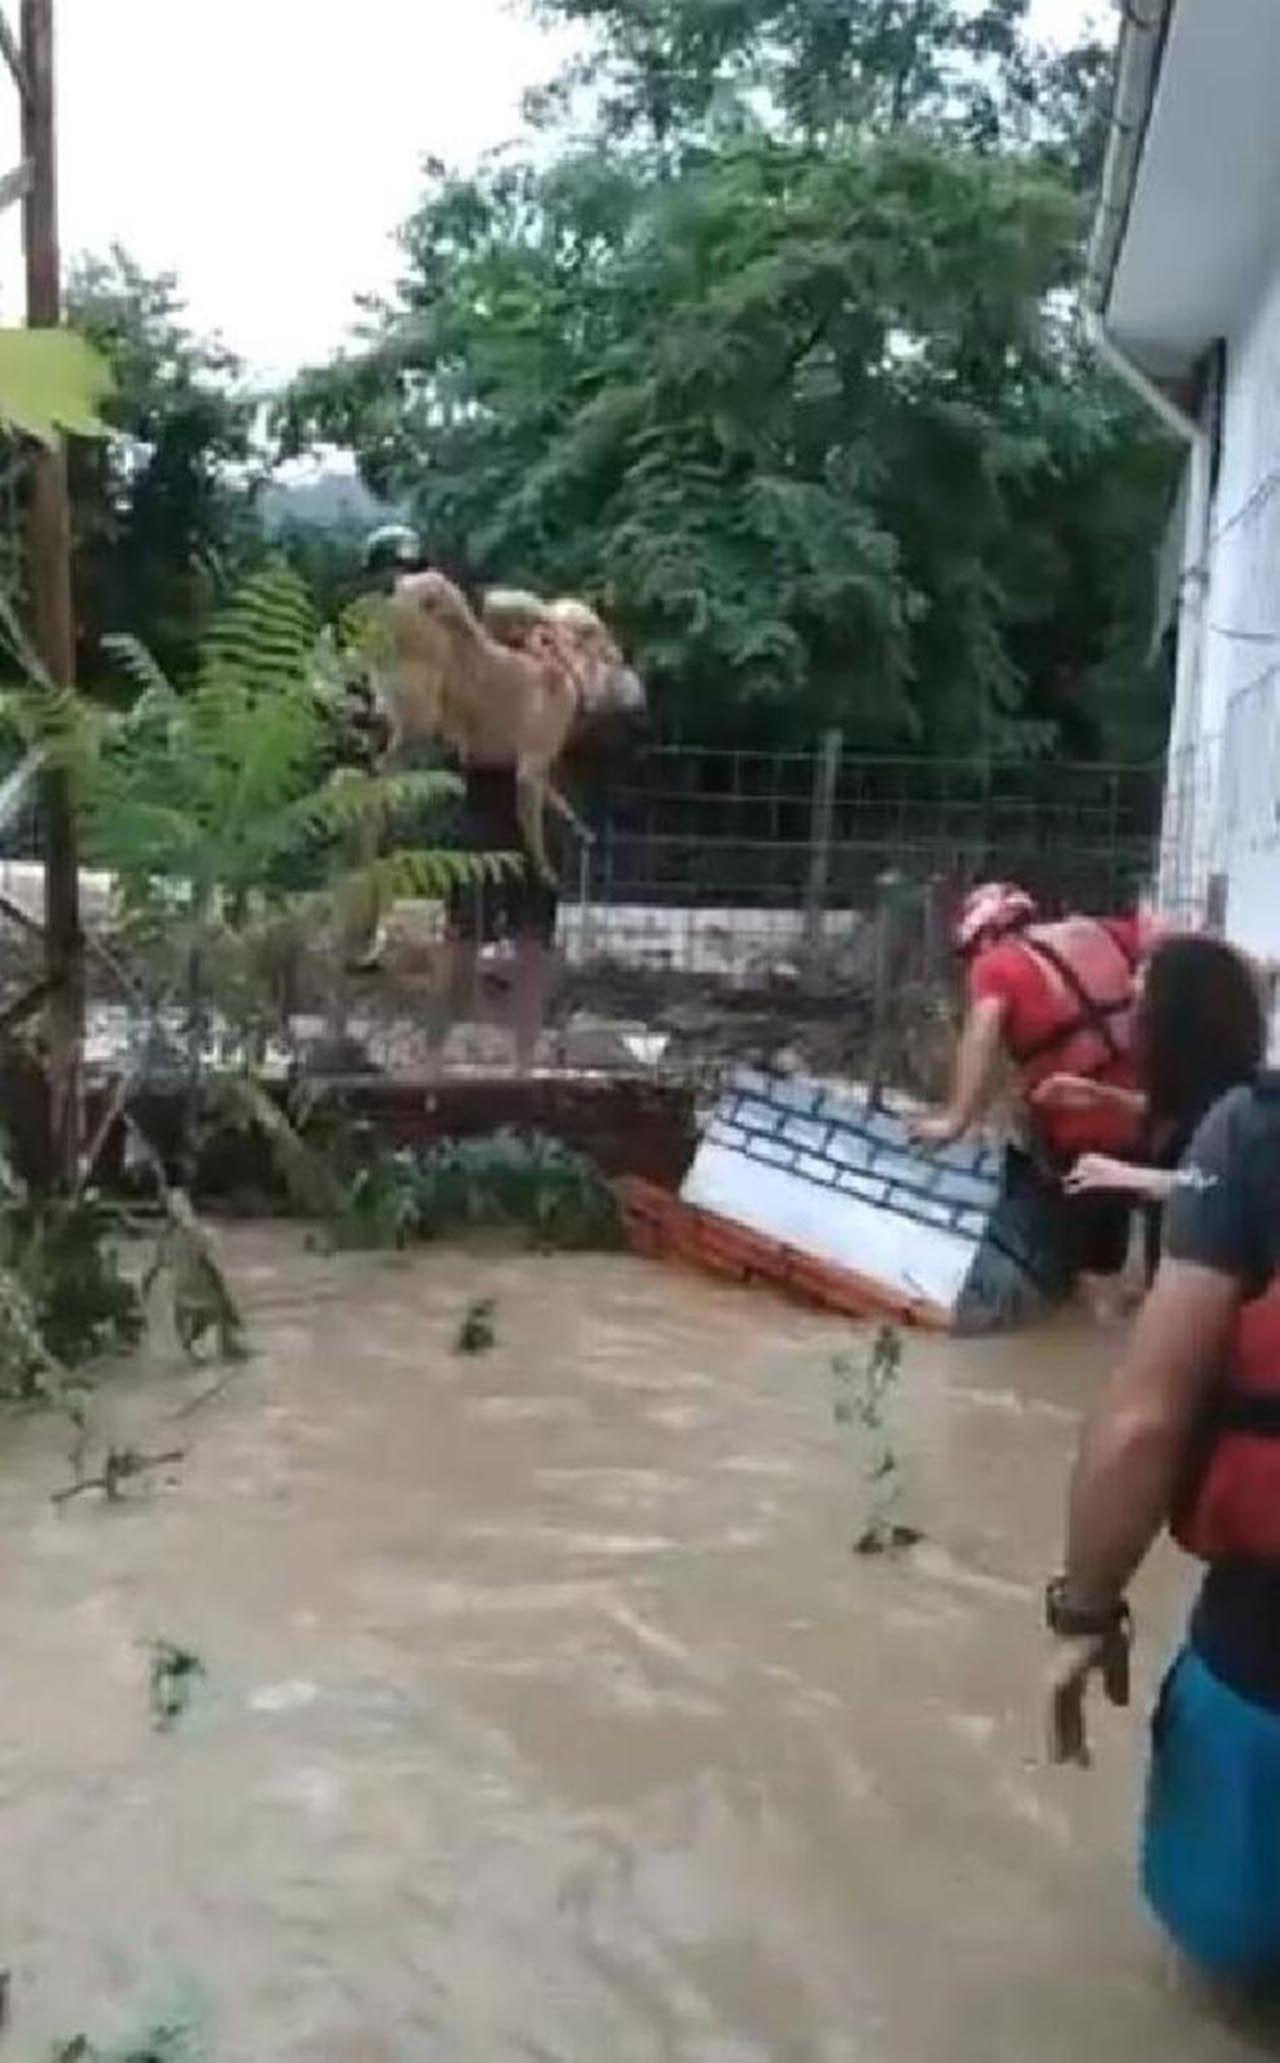 Artvin'deki sel felaketinden yeni görüntü! Gözyaşlarına boğuldu - Resim: 3